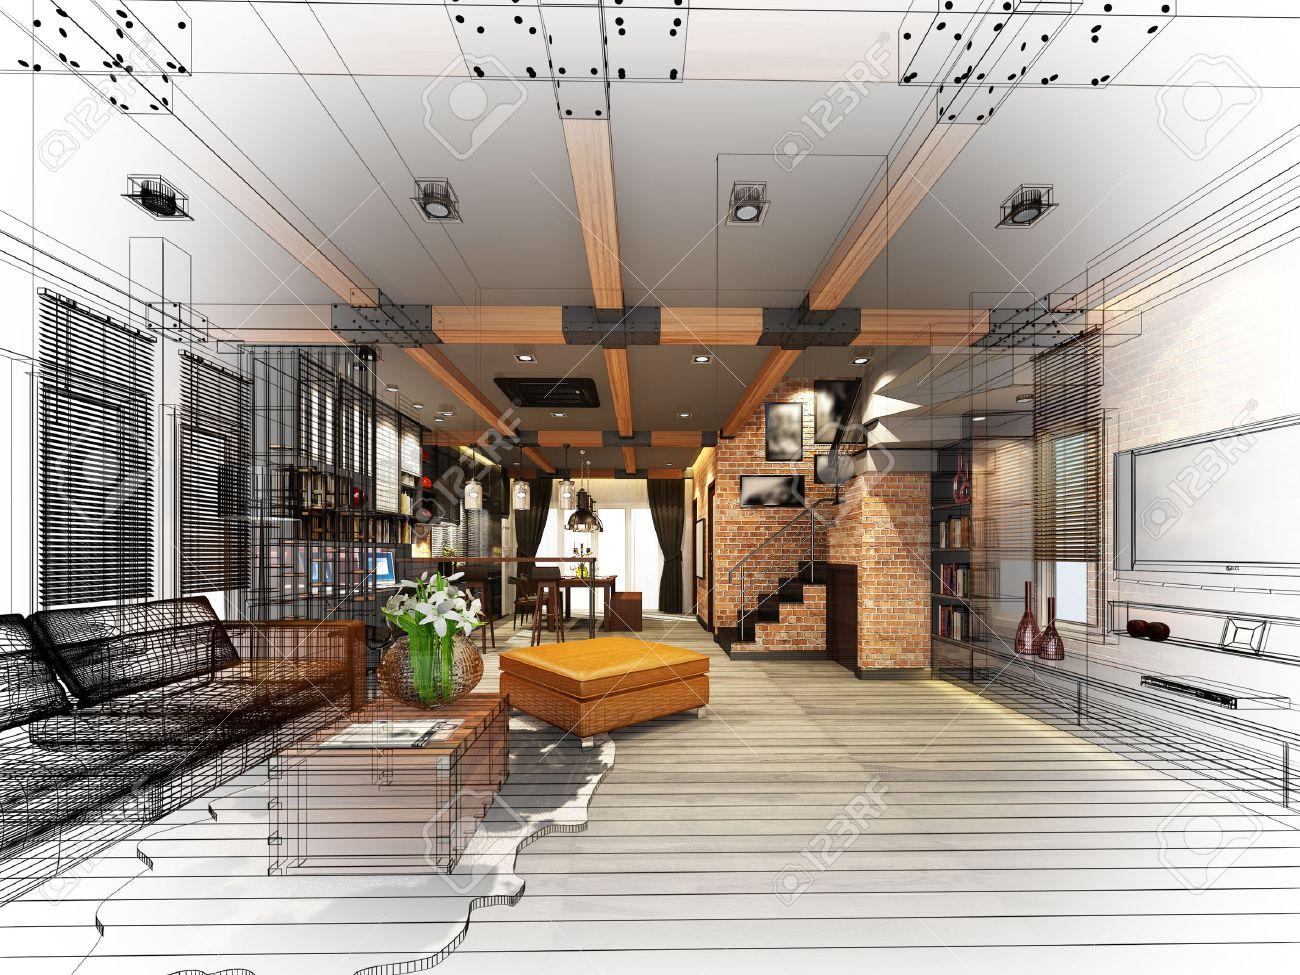 sketch design of living 3dwire frame render - 41329992